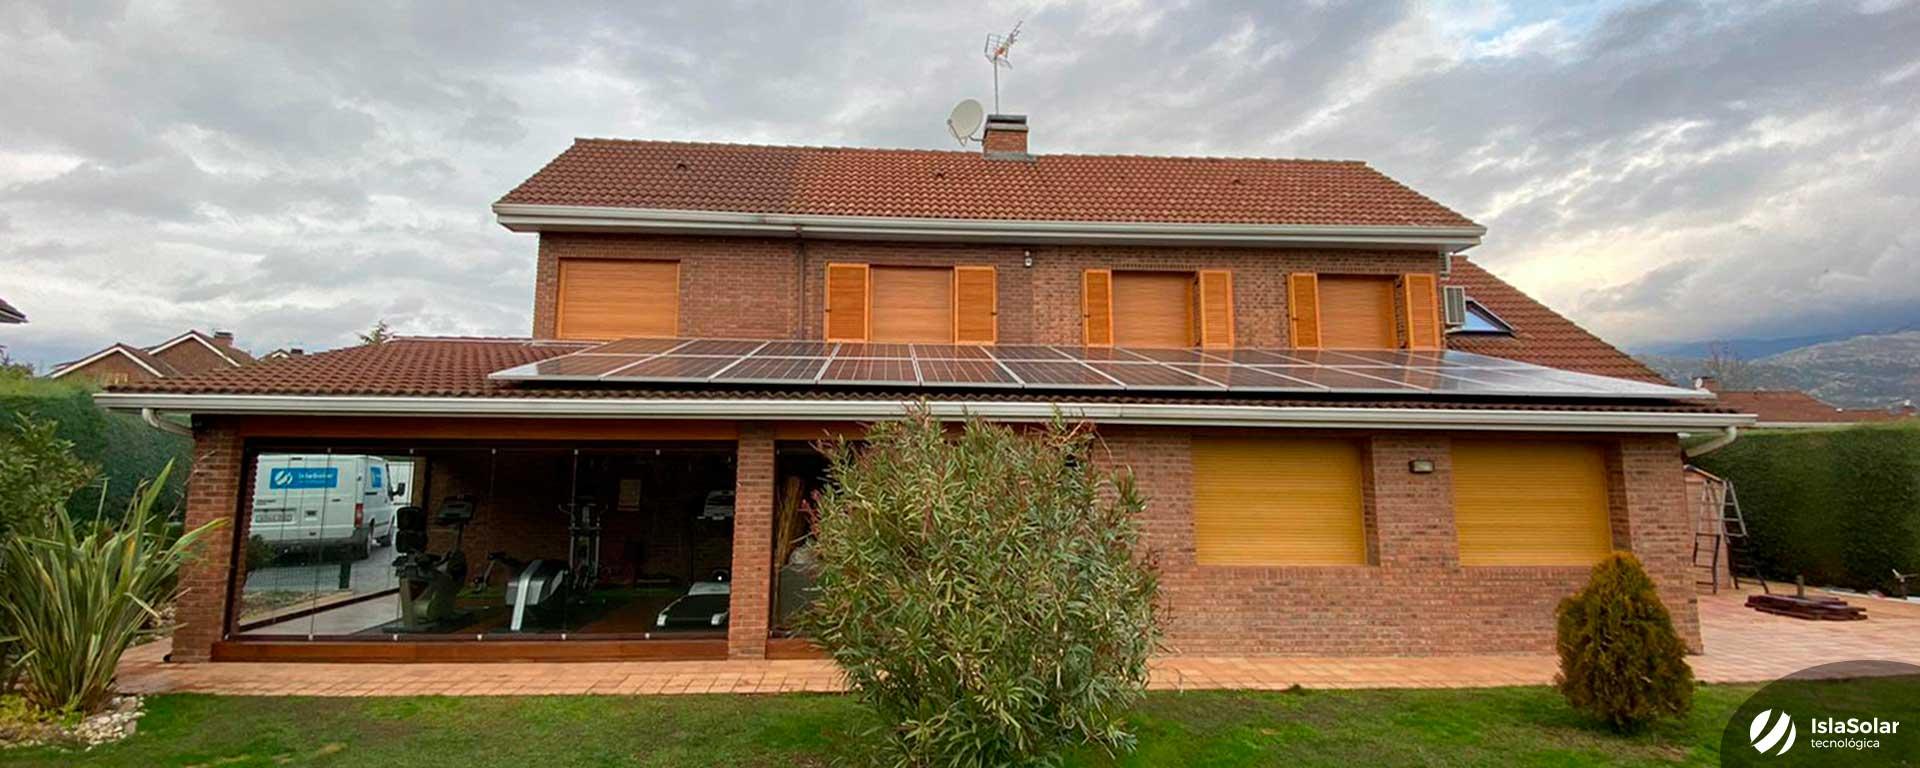 Instalación fotovoltaica en Becerril de la Sierra Autoconsumo Madrid